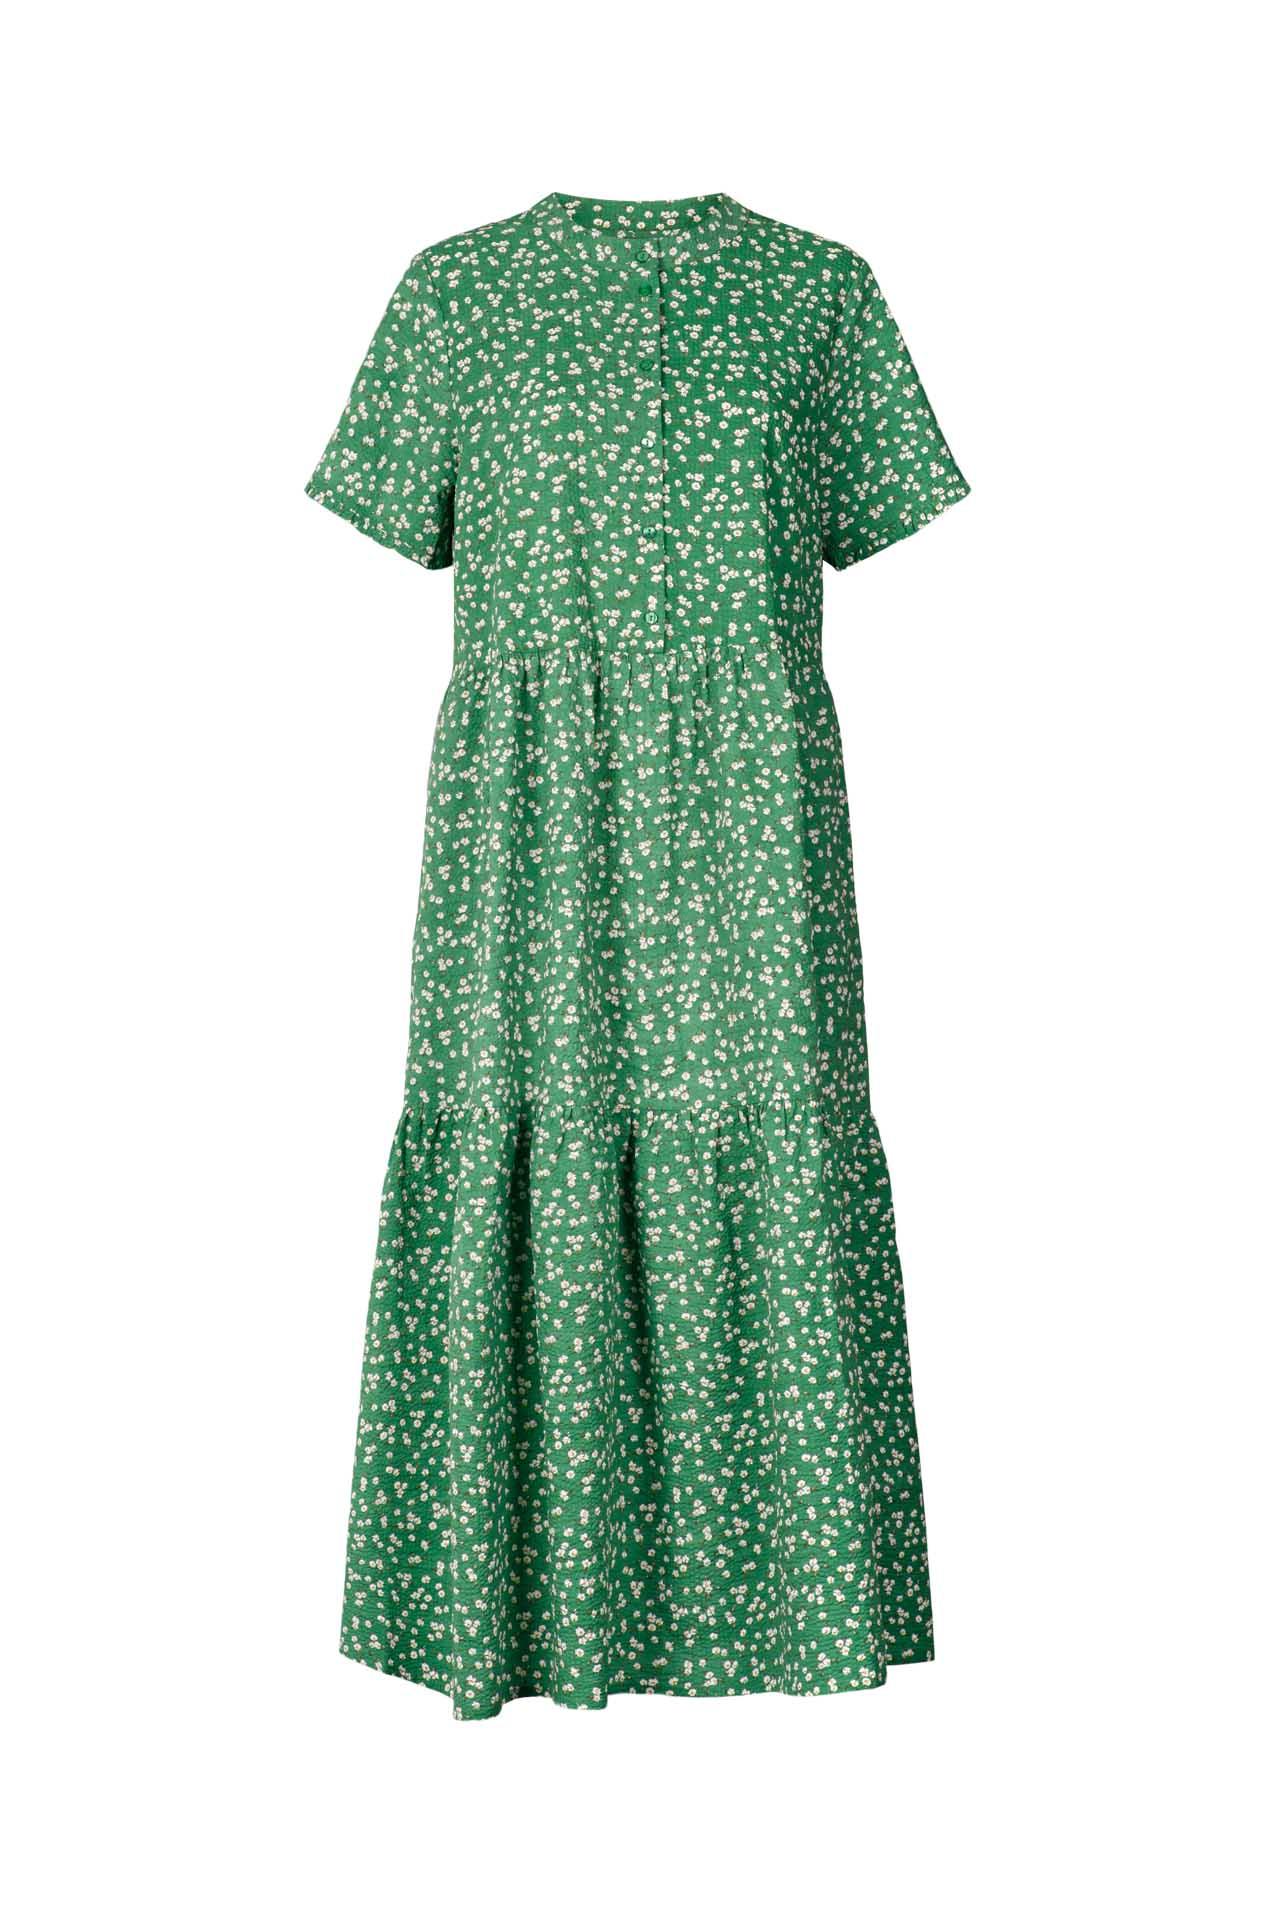 Lollys Laundry Fie kjole, green, x-small